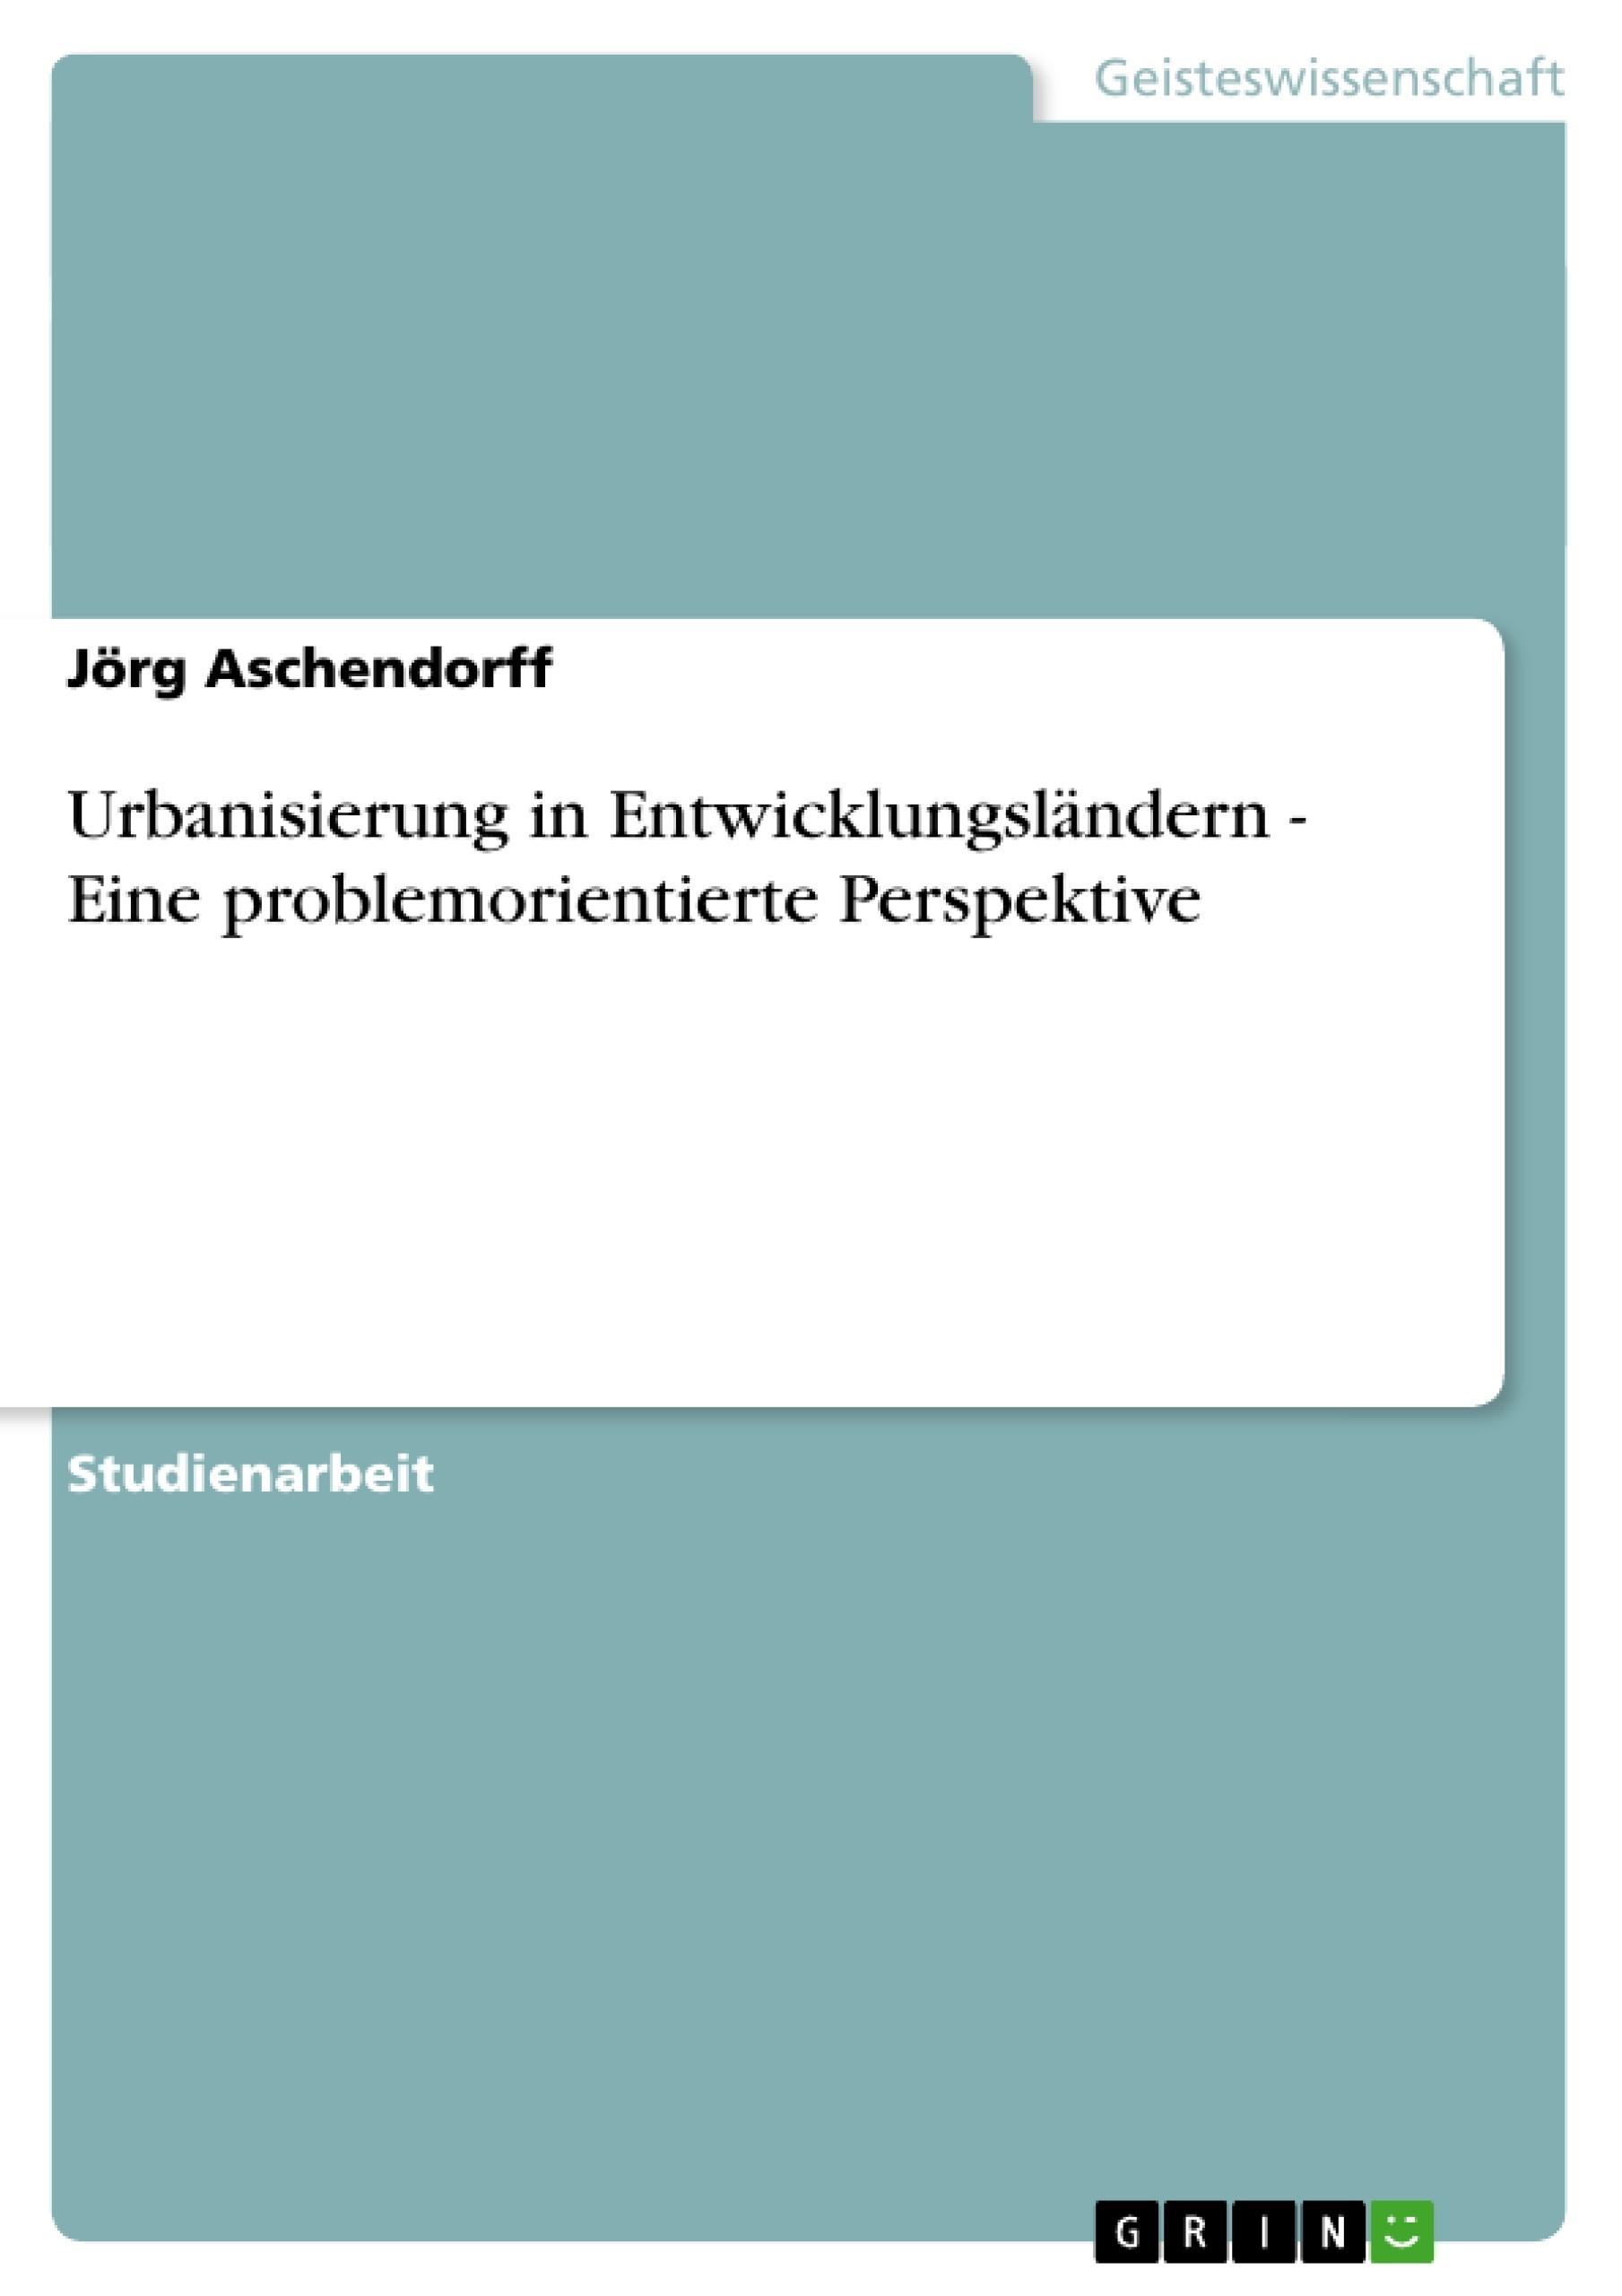 Titel: Urbanisierung in Entwicklungsländern - Eine problemorientierte Perspektive